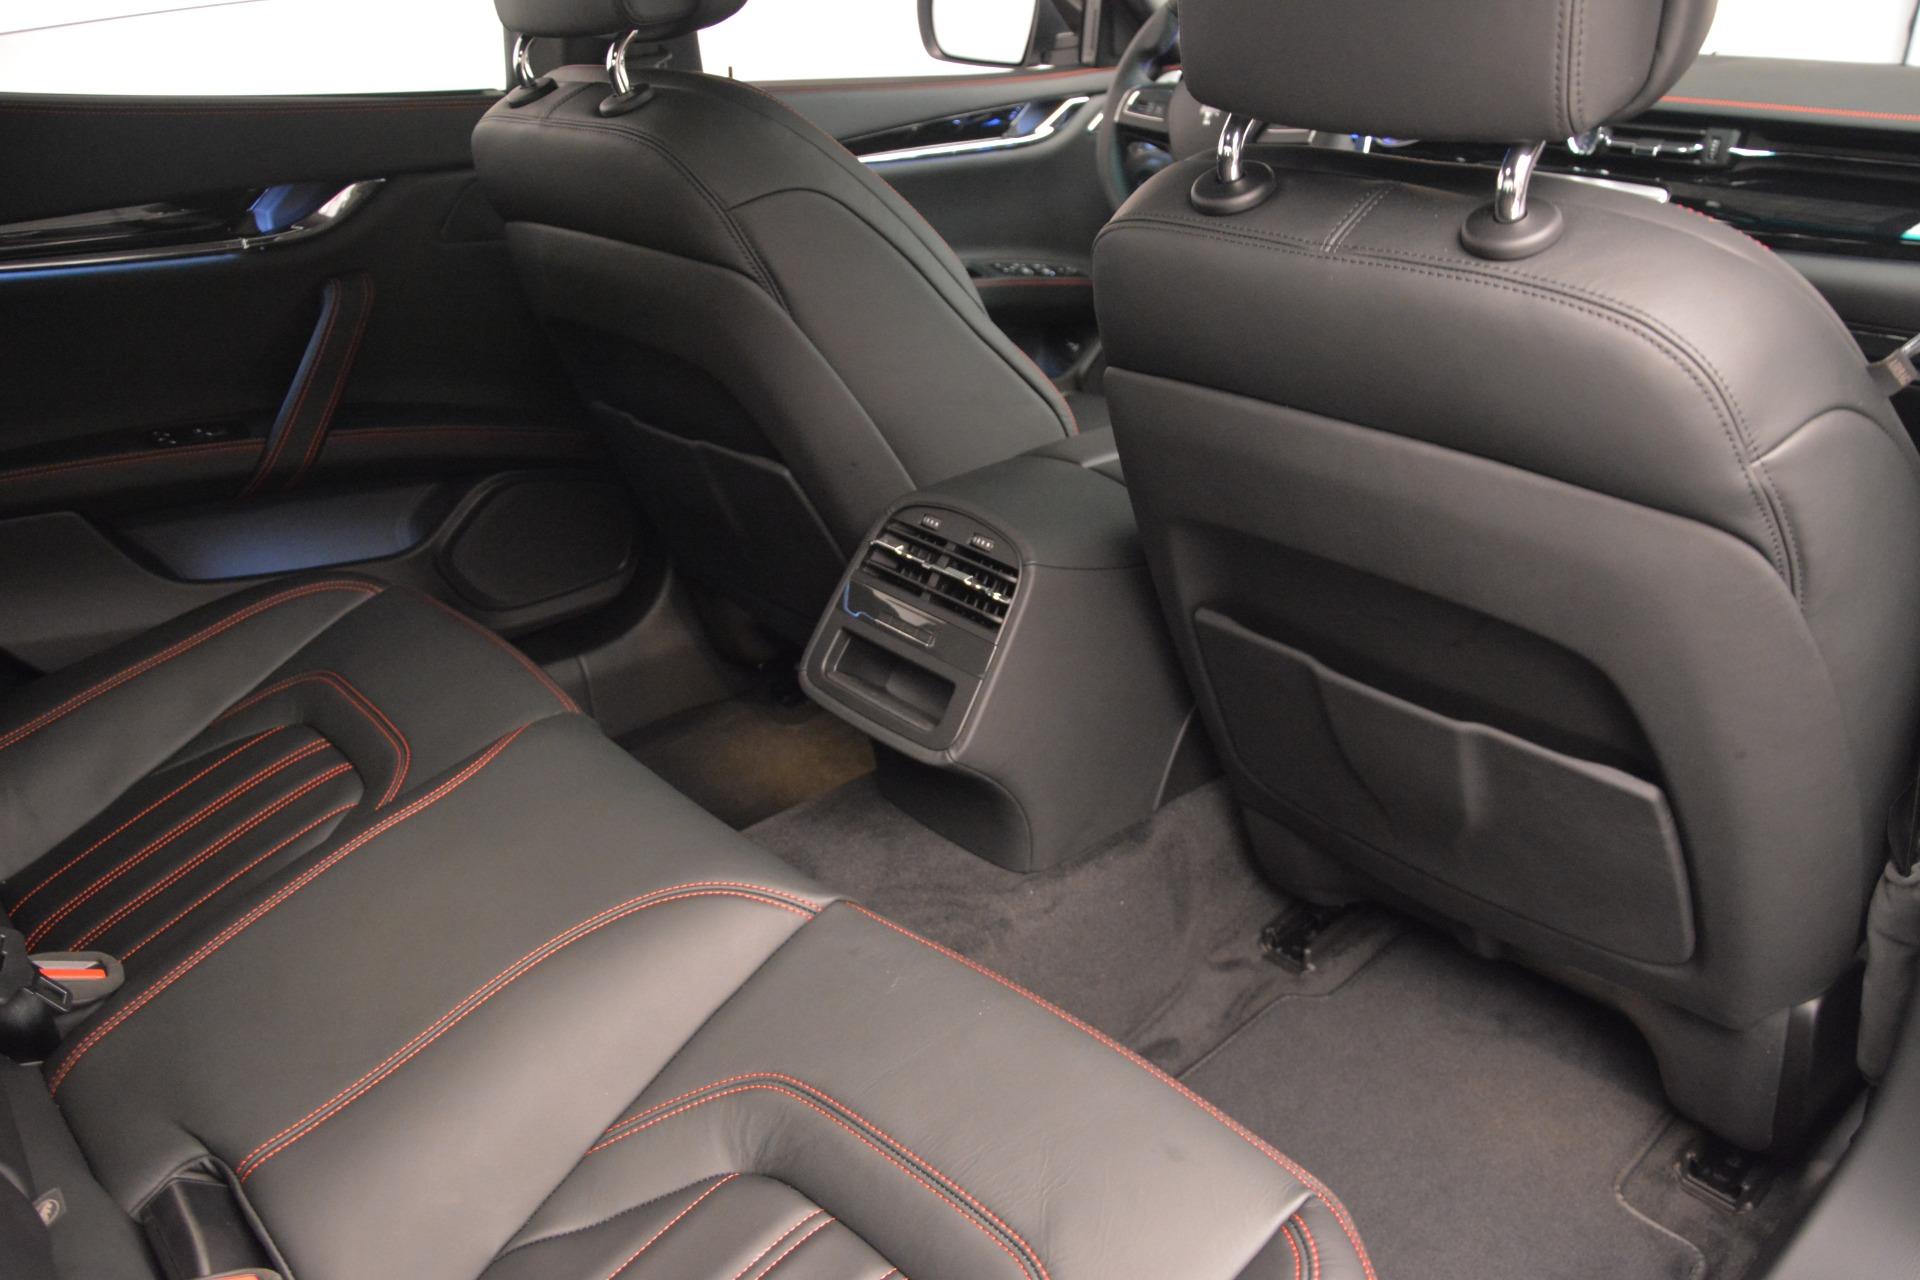 Used 2015 Maserati Quattroporte GTS For Sale In Greenwich, CT 2993_p22